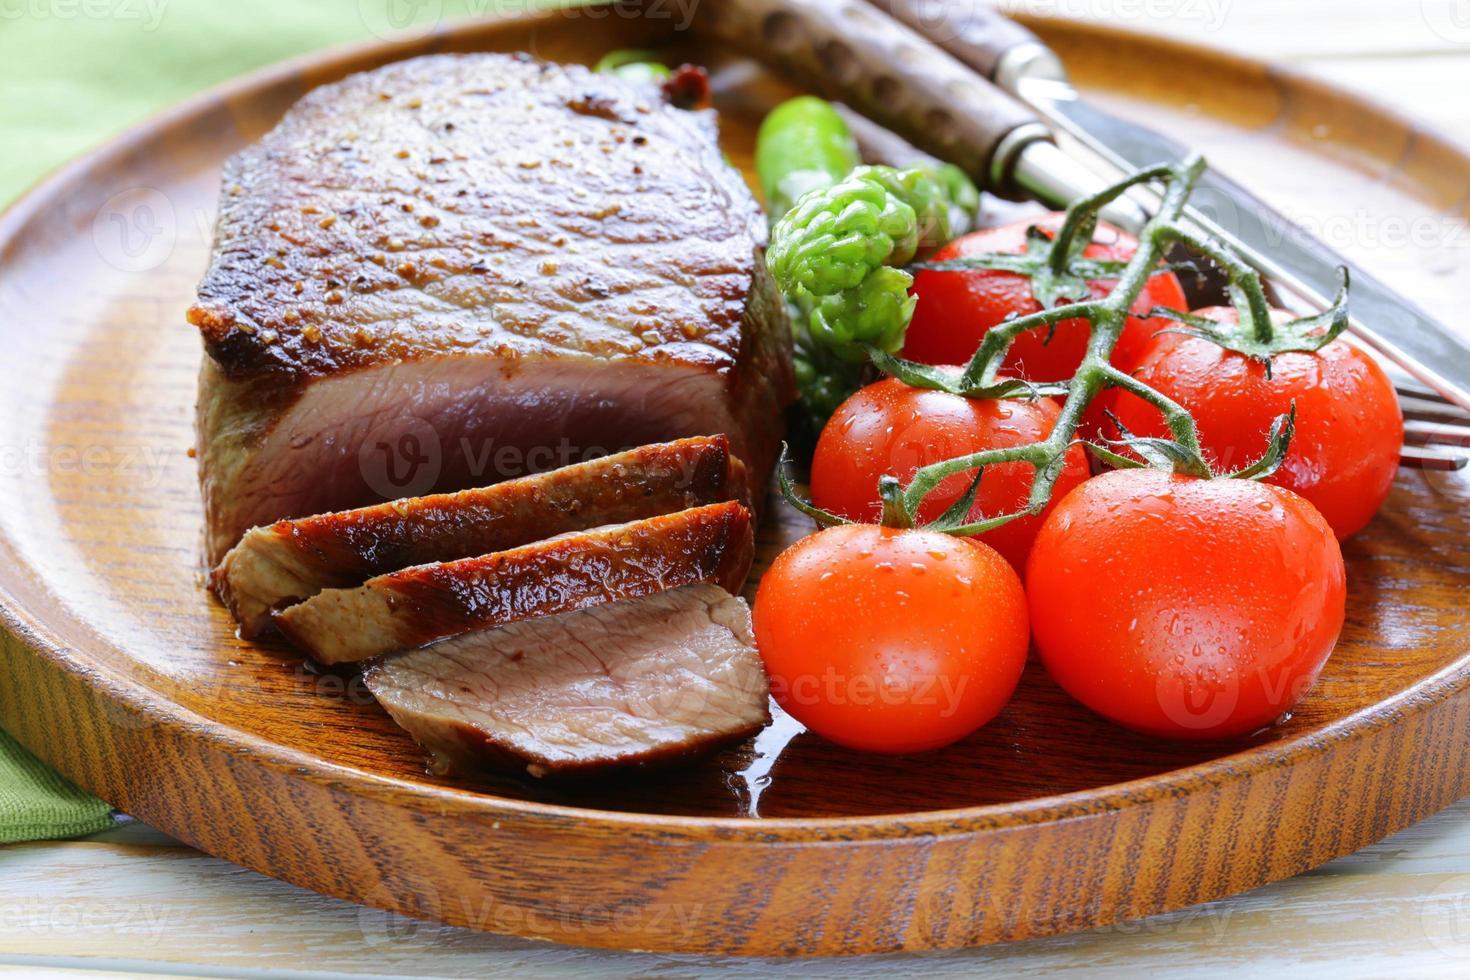 carne de res a la parrilla con guarnición de vegetales (espárragos y tomates) foto